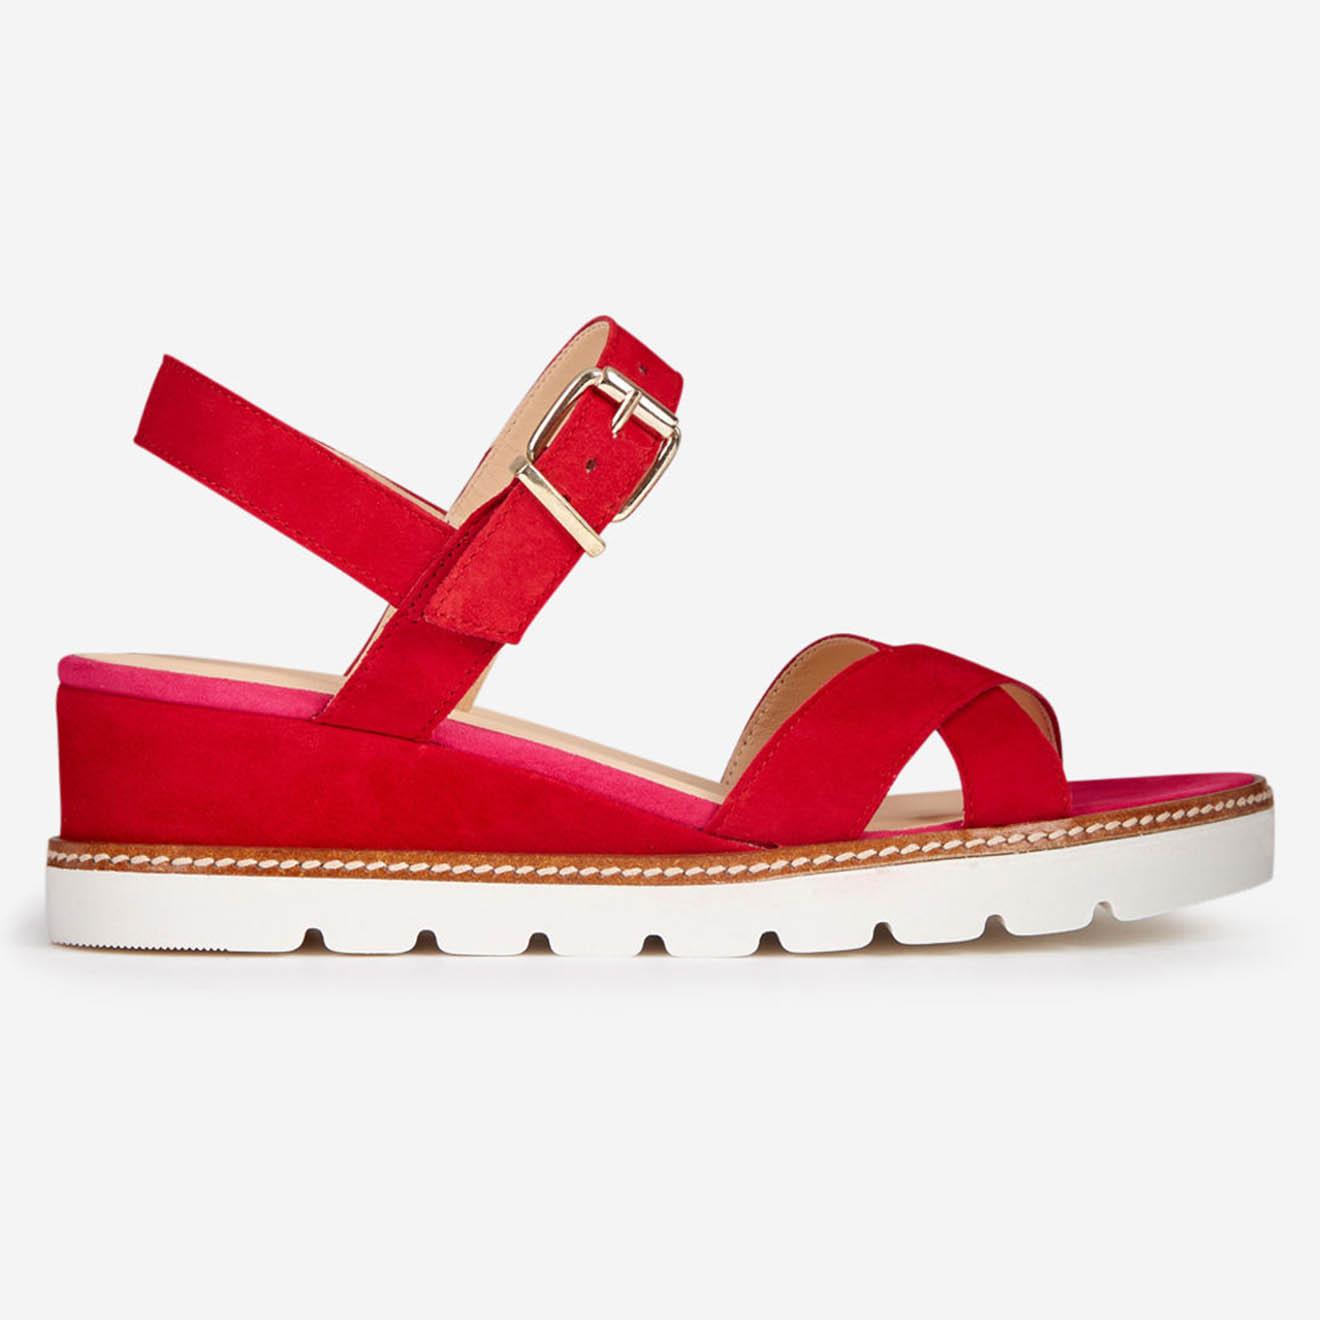 Sandales en Cuir Foili rouges - Talon 5 cm - Mellow Yellow - Modalova